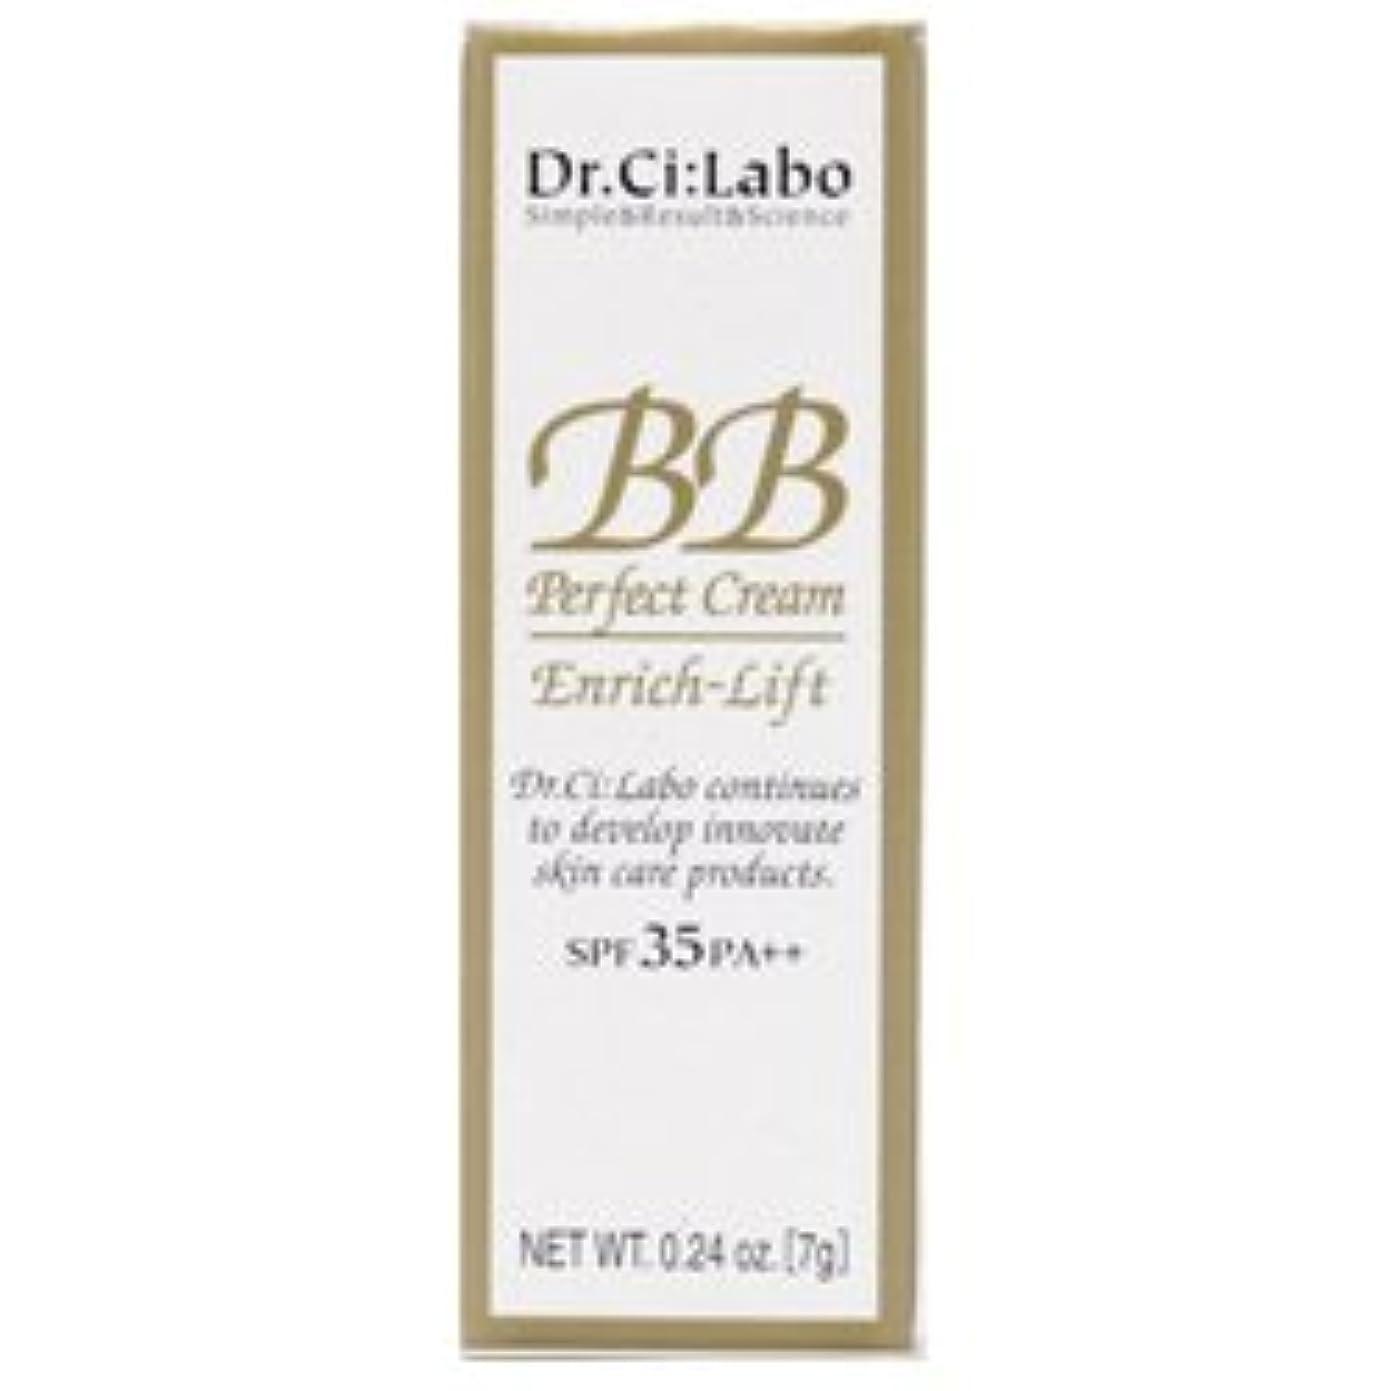 血色の良い無駄にイベント【ミニサイズ 7g】 ドクターシーラボ Dr.Ci:Labo BBパーフェクトクリーム エンリッチリフトv SPF35 PA++